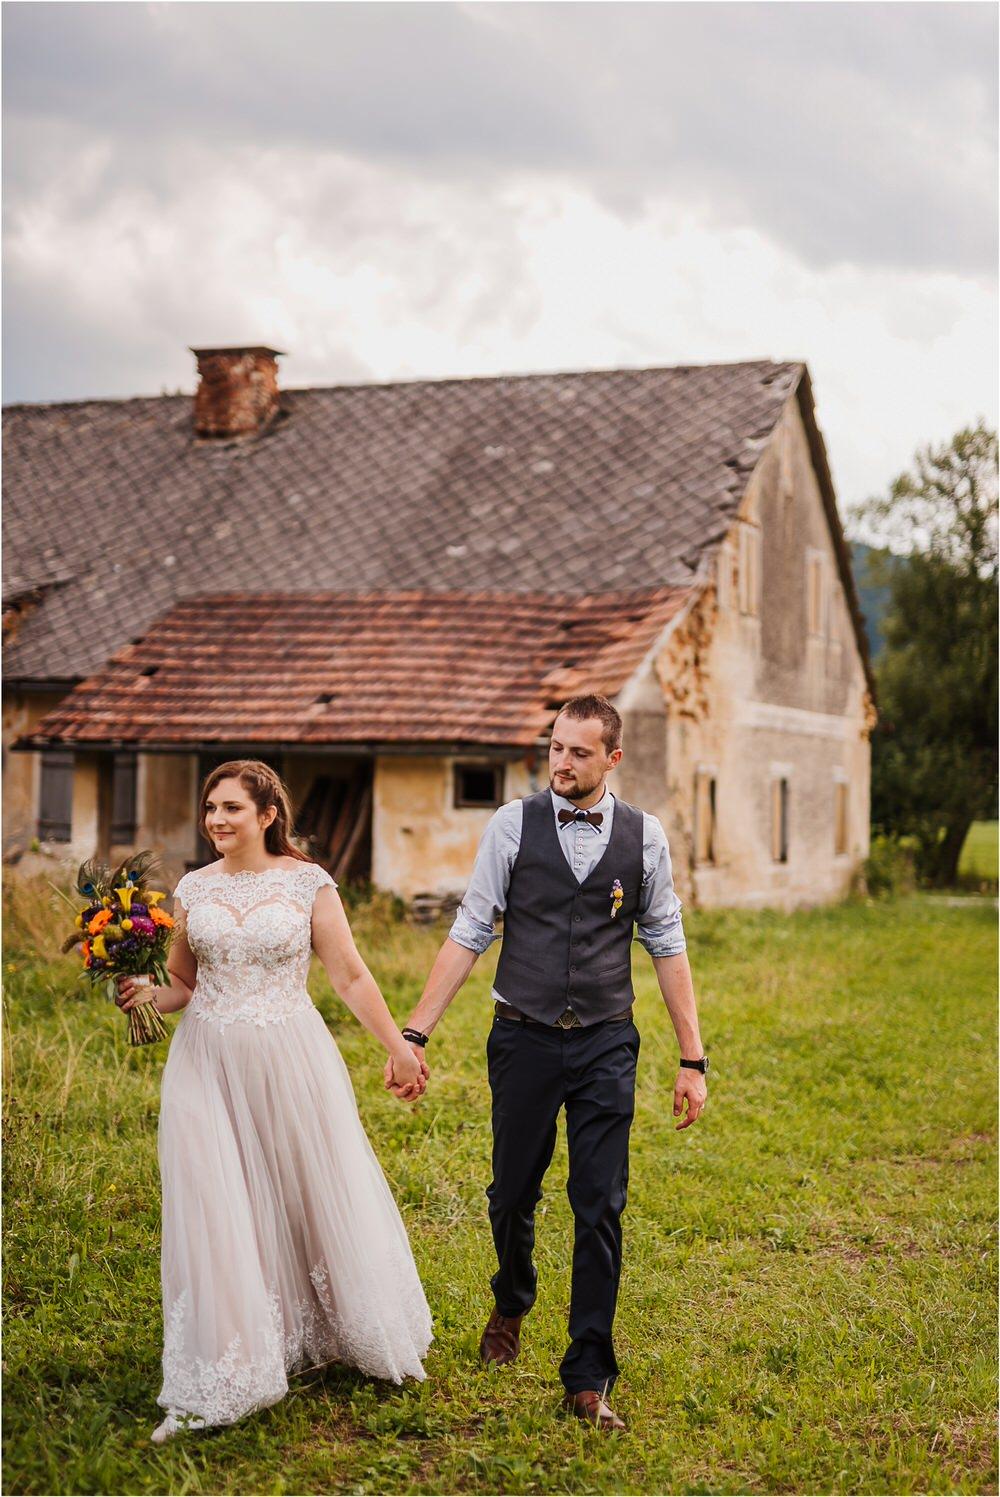 goriska brda poroka fotgorafija fotograf fotografiranje porocno kras primorska obala romanticna boho poroka rustikalna nika grega 0060.jpg